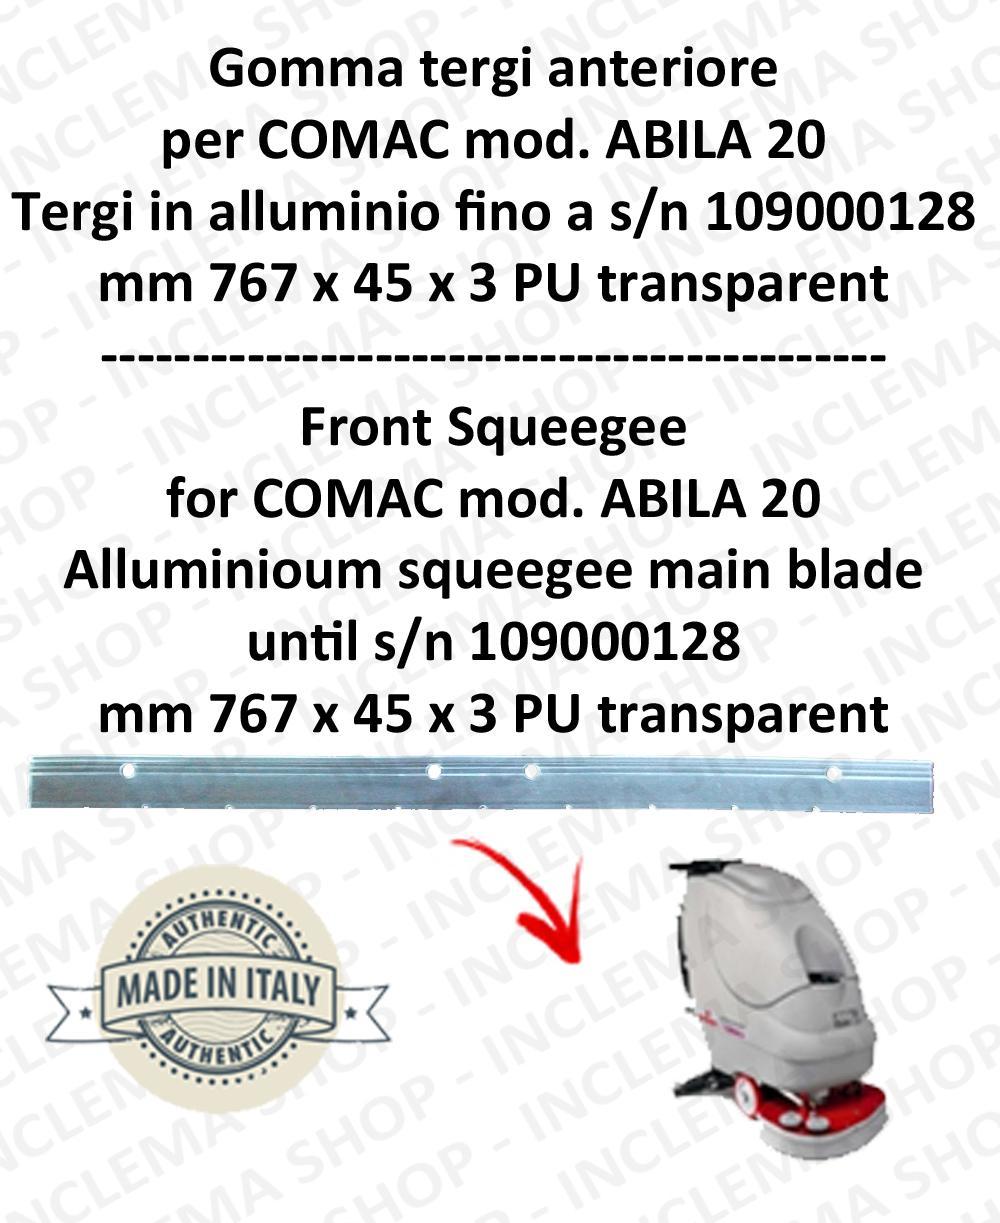 Bavette avant pour autolaveuses COMAC ABILA 20 suceur en aluminium jusqu'au numéro de série 109000128